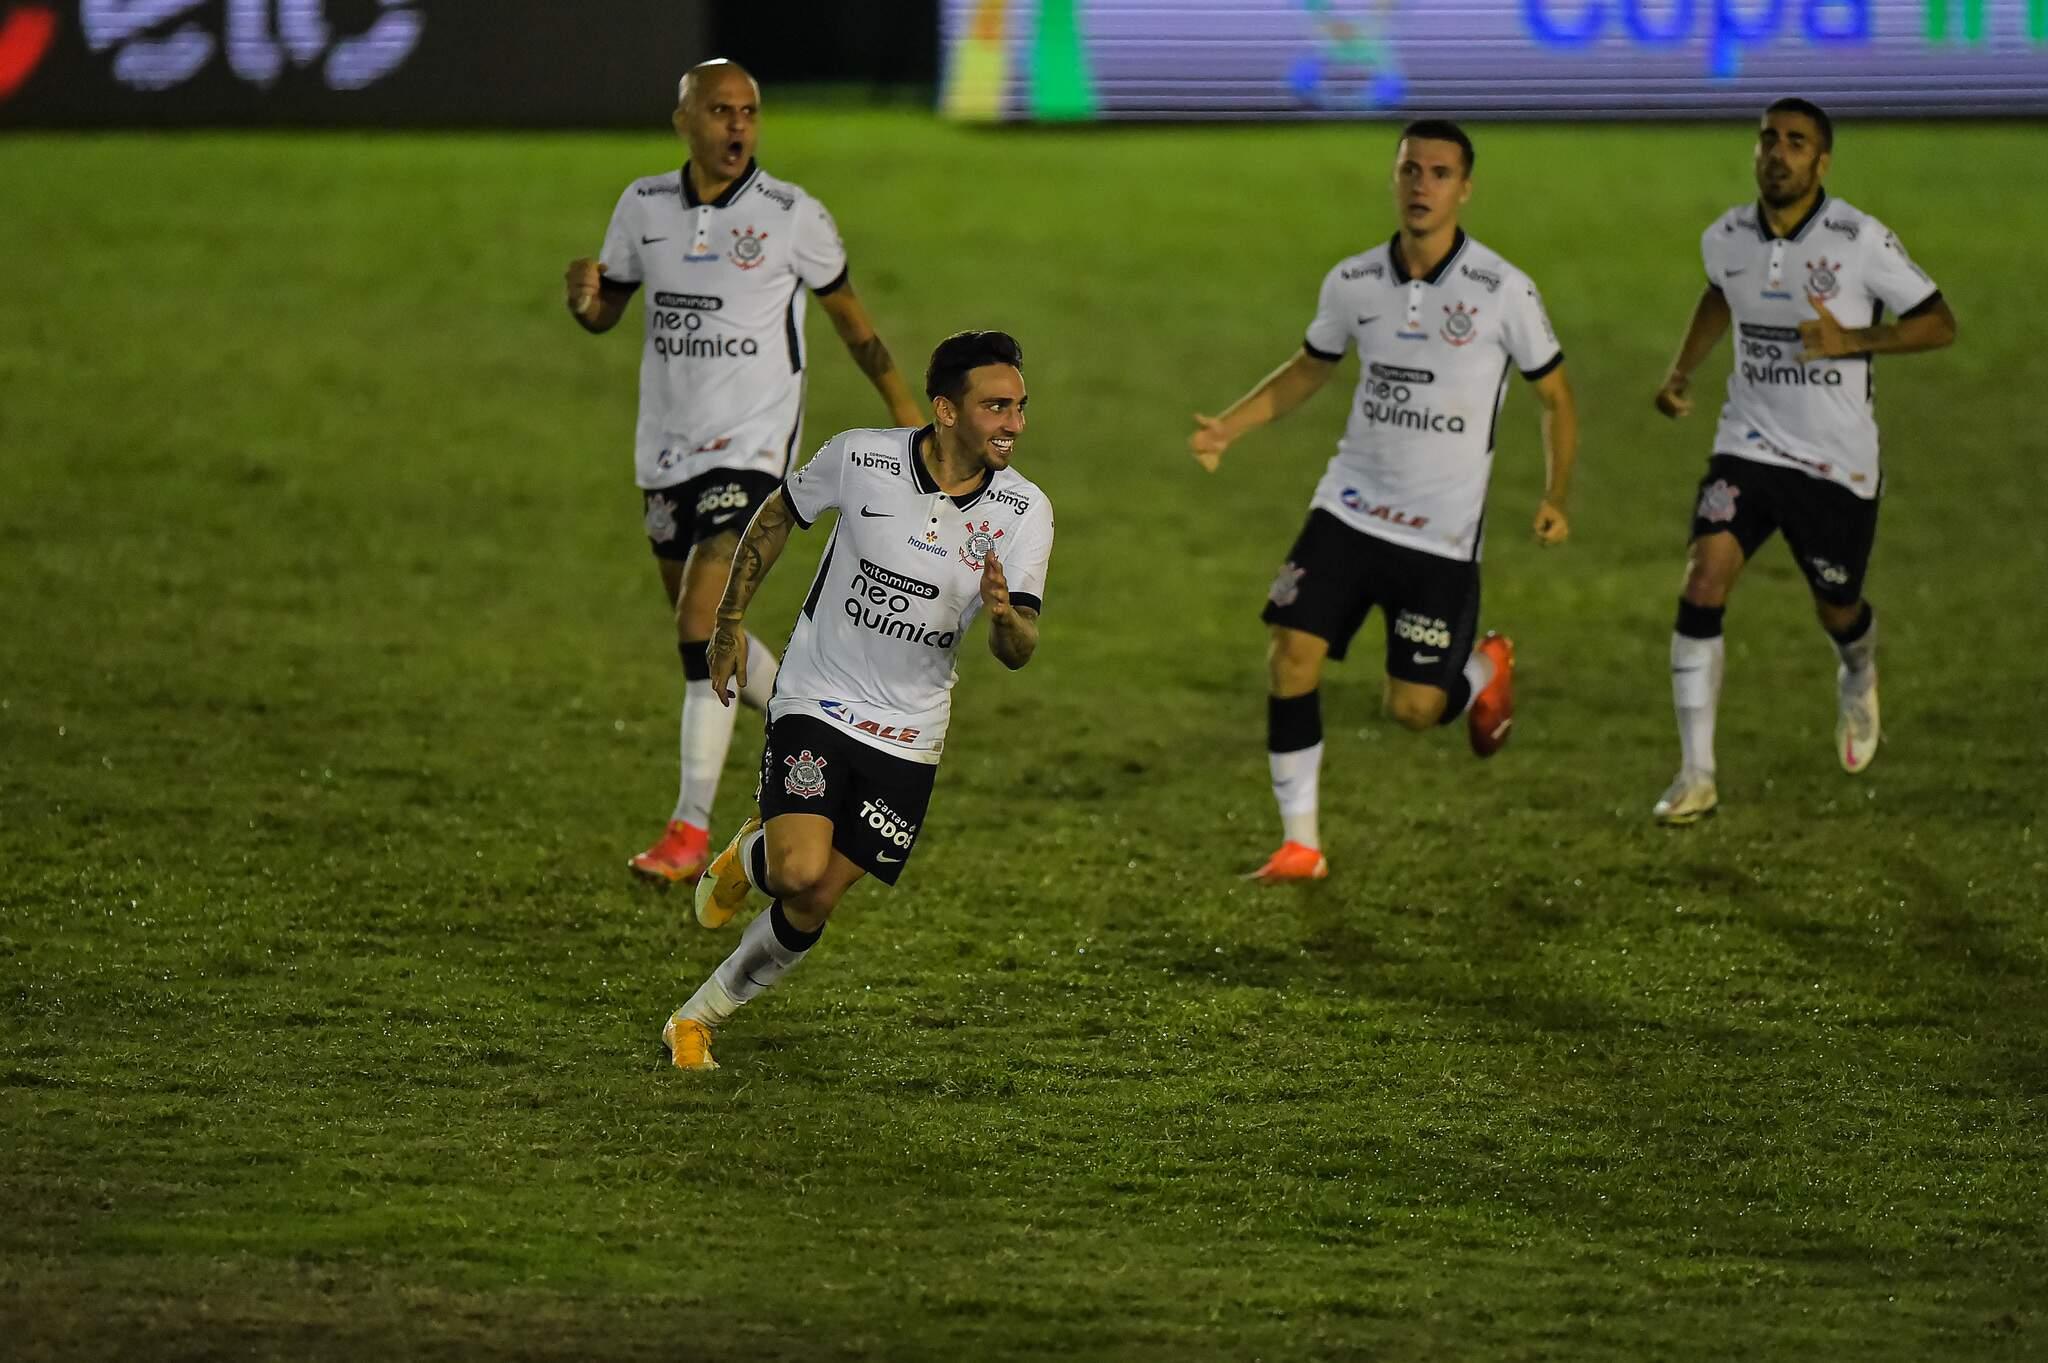 Jogadores do Corinthians comemoram vitória por penaltis em decisão durante partida contra o Retrô no estádio Elcyr Resende de Mendonça pelo campeonato Copa do Brasil 2021. (Foto: Estadão Conteúdo)